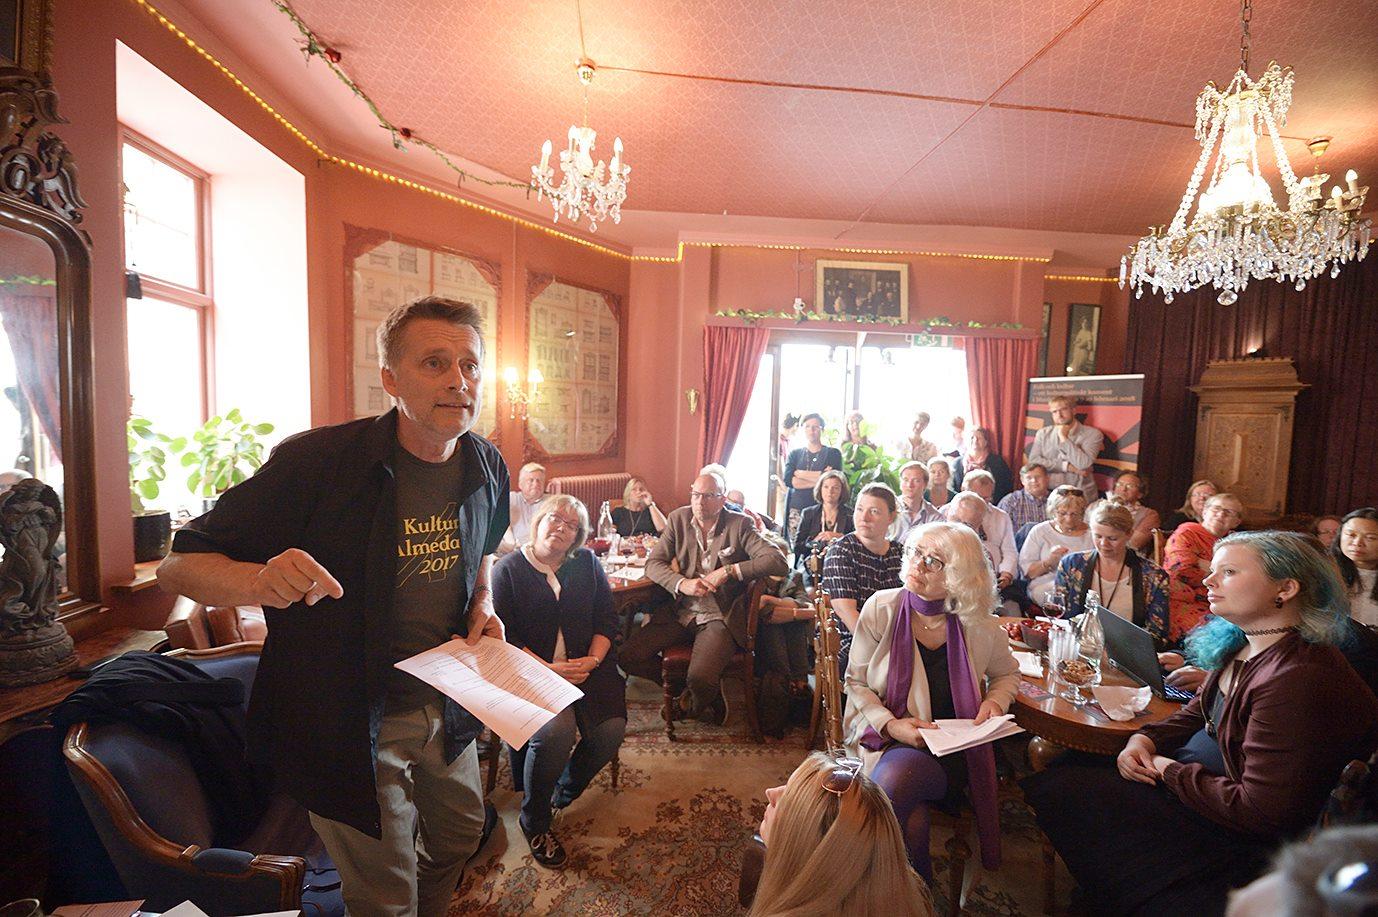 Thomas Sundström på Folk och Kulturs salong, foto av José Figueroa. Bilden är tagen under Kultur i Almedalen 2017